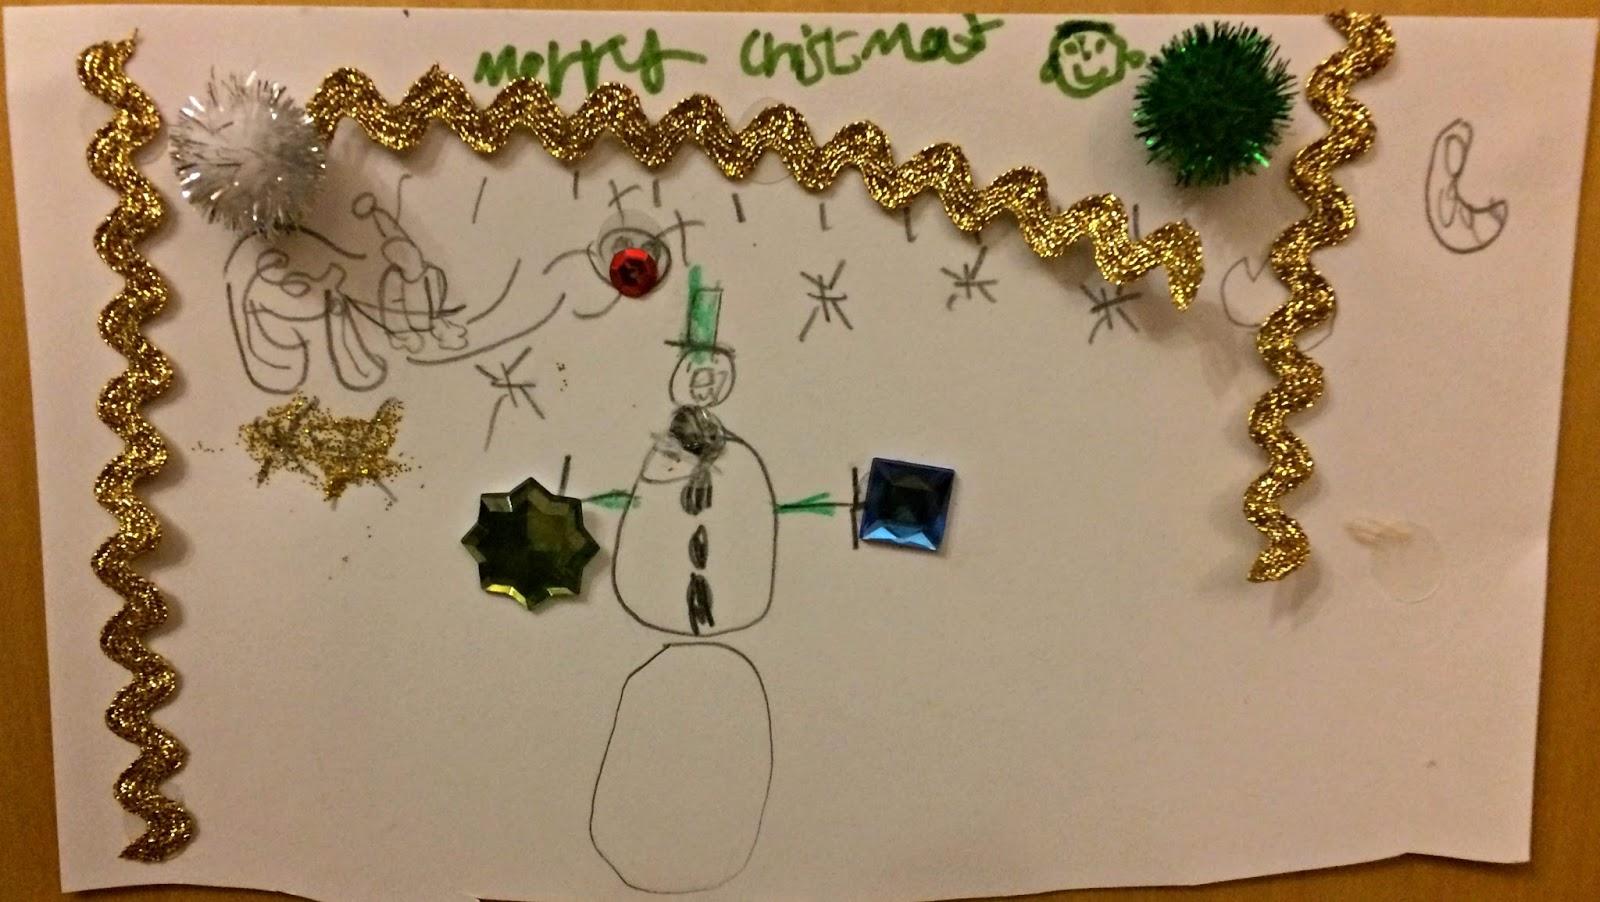 Ieuan's Christmas card